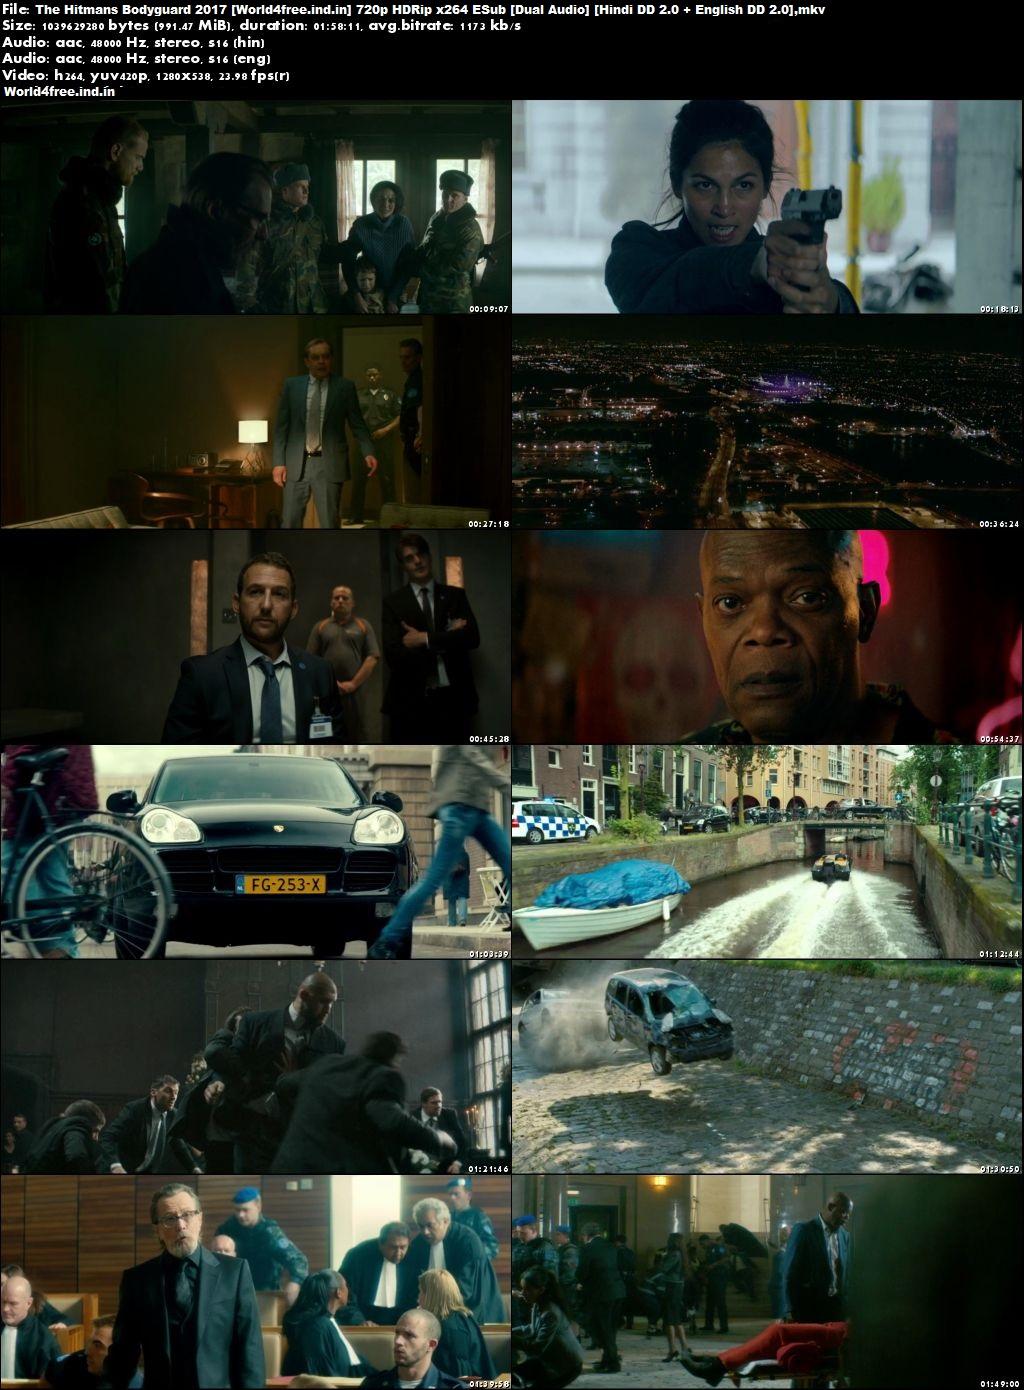 The Hitman's Bodyguard 2017 world4free.ind.in Dual Audio HDRip 720p Hindi English